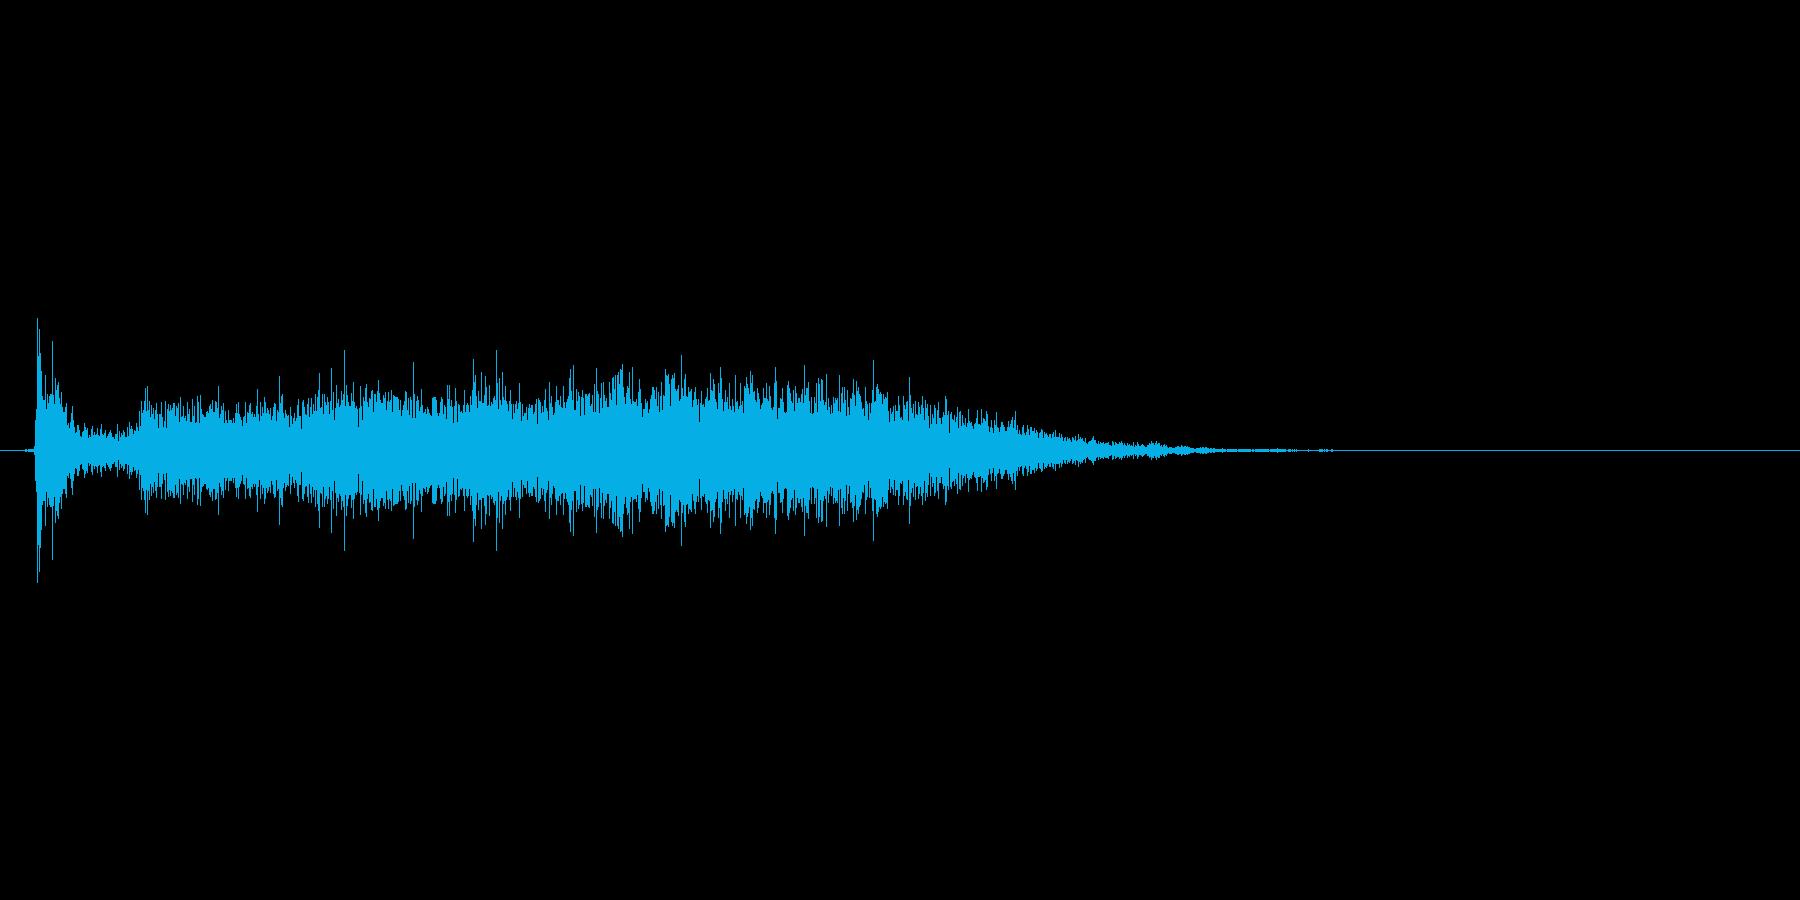 ふすまの開閉音(シャーッ、スーッ)の再生済みの波形